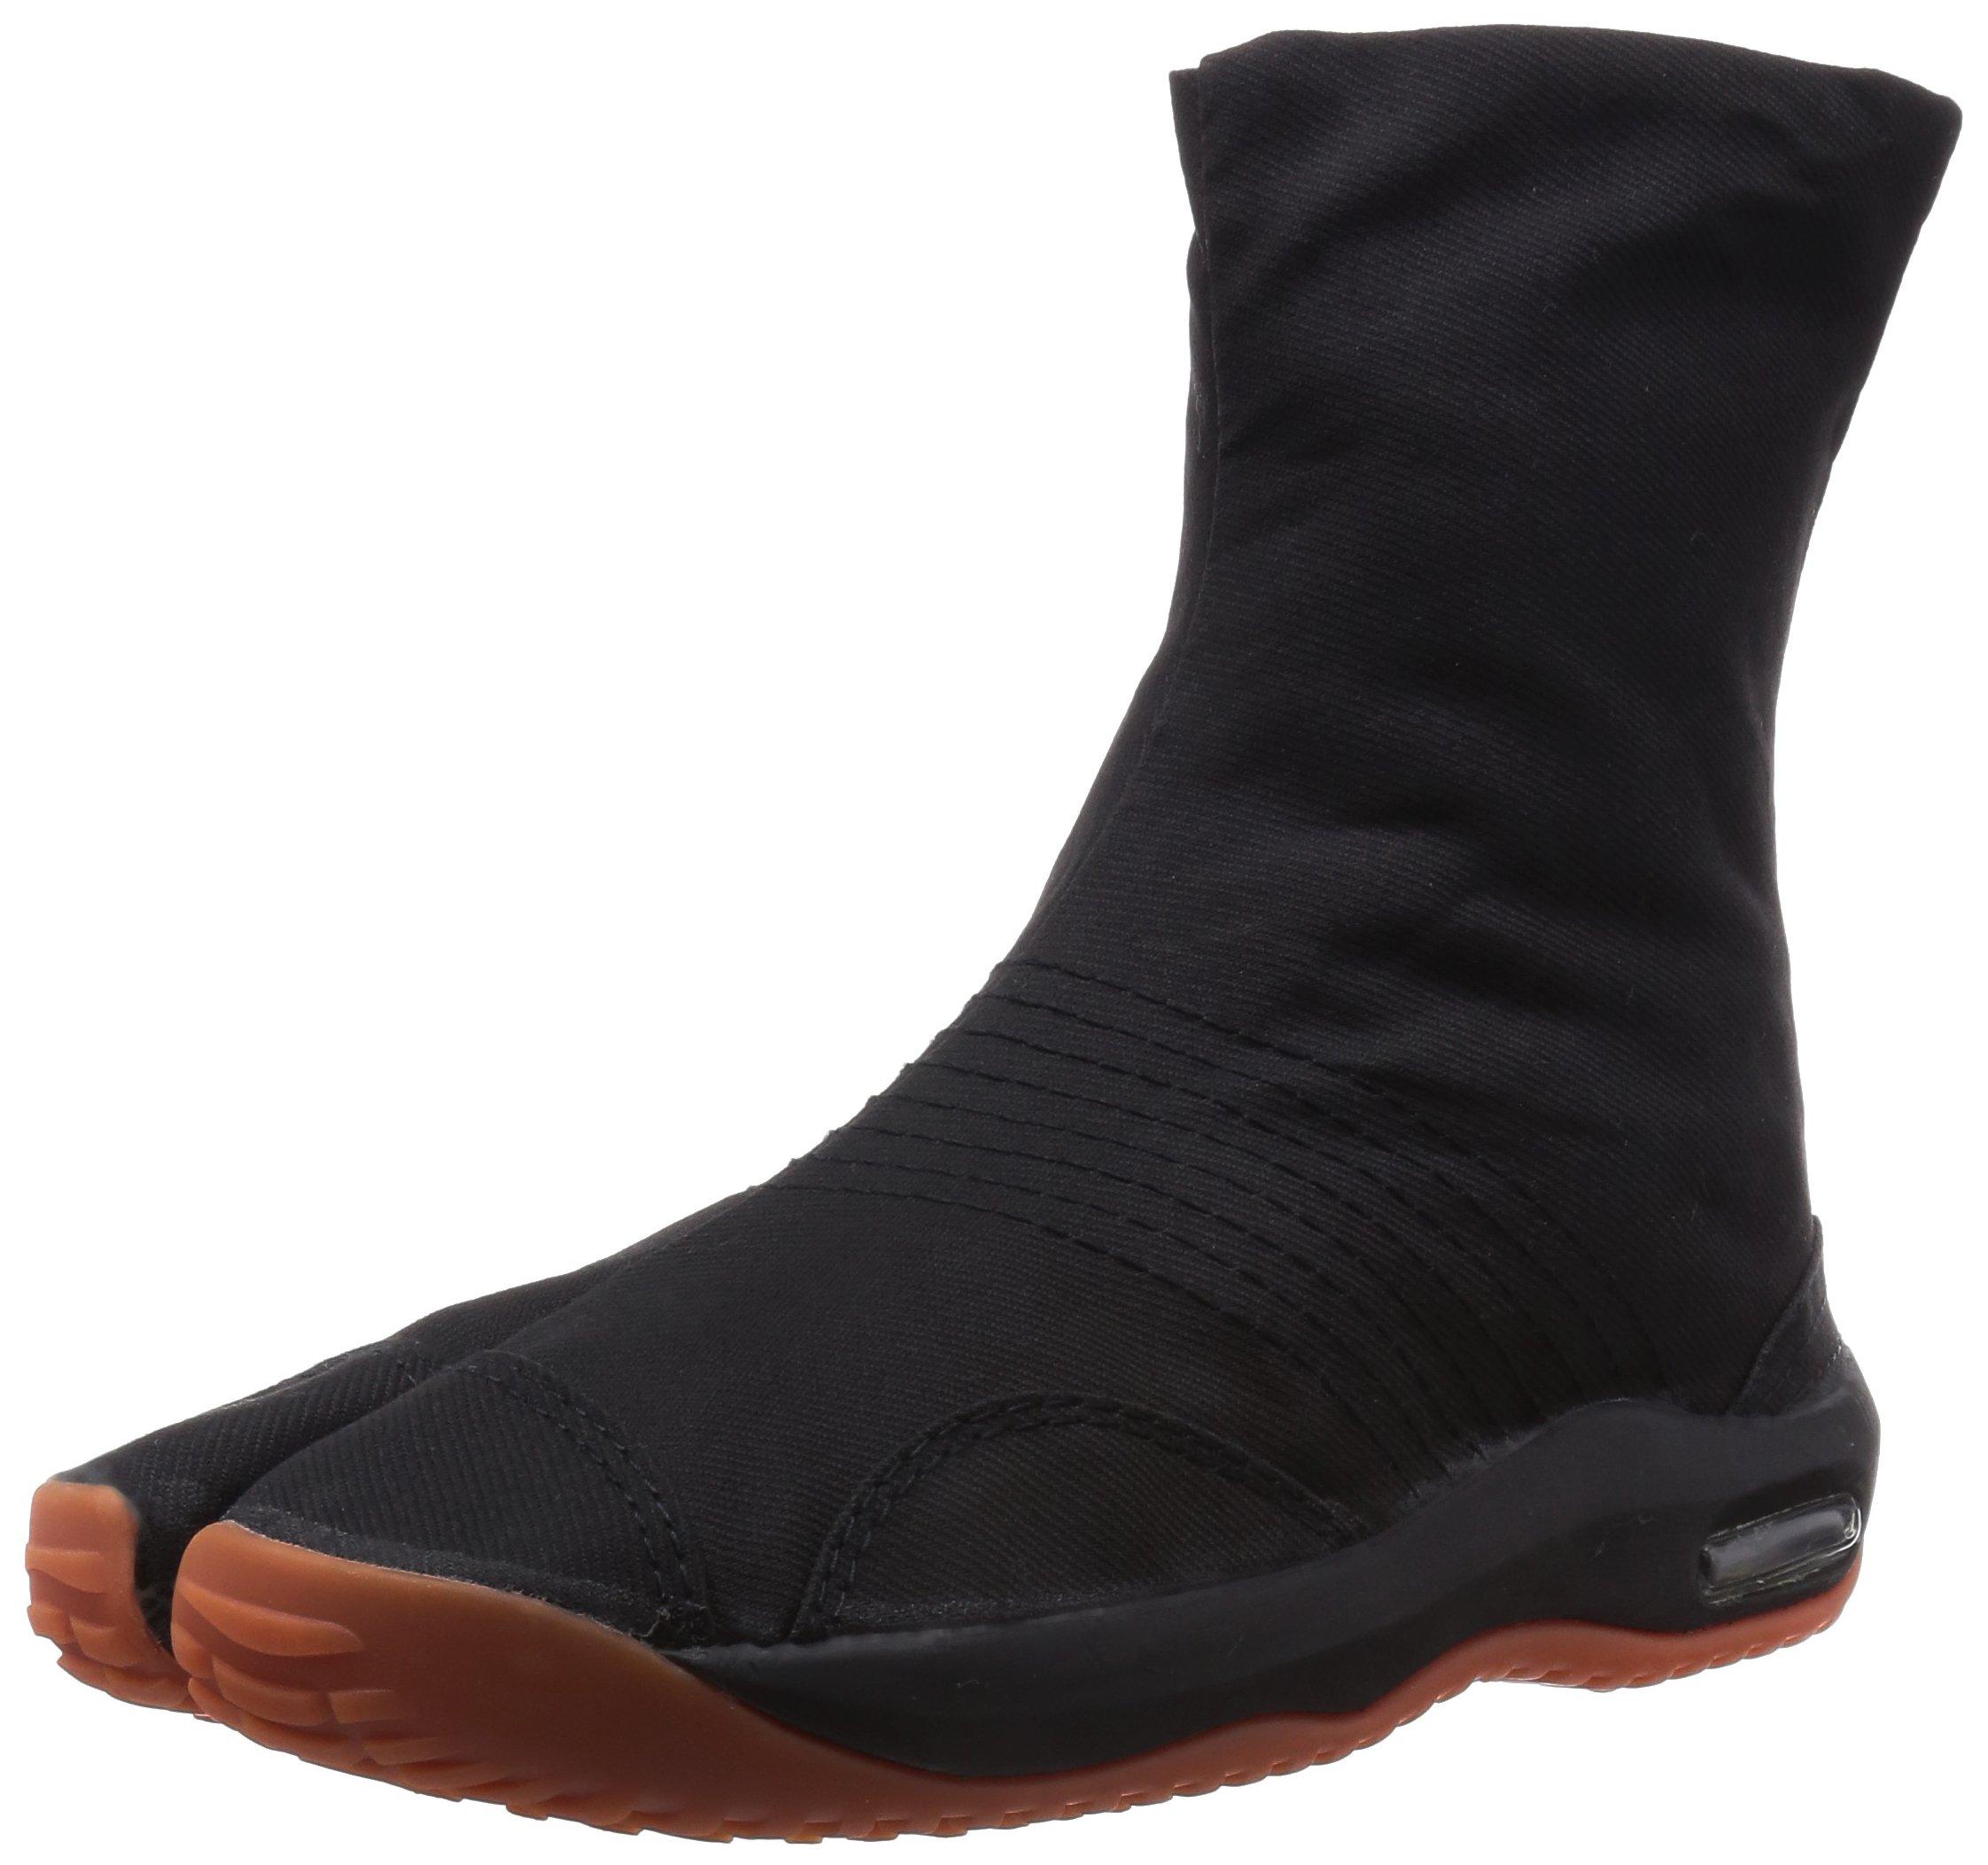 Marugo Air Jog Tabi Ninja Boots 6 Clips 3 Colors (26.0 cm, Black)